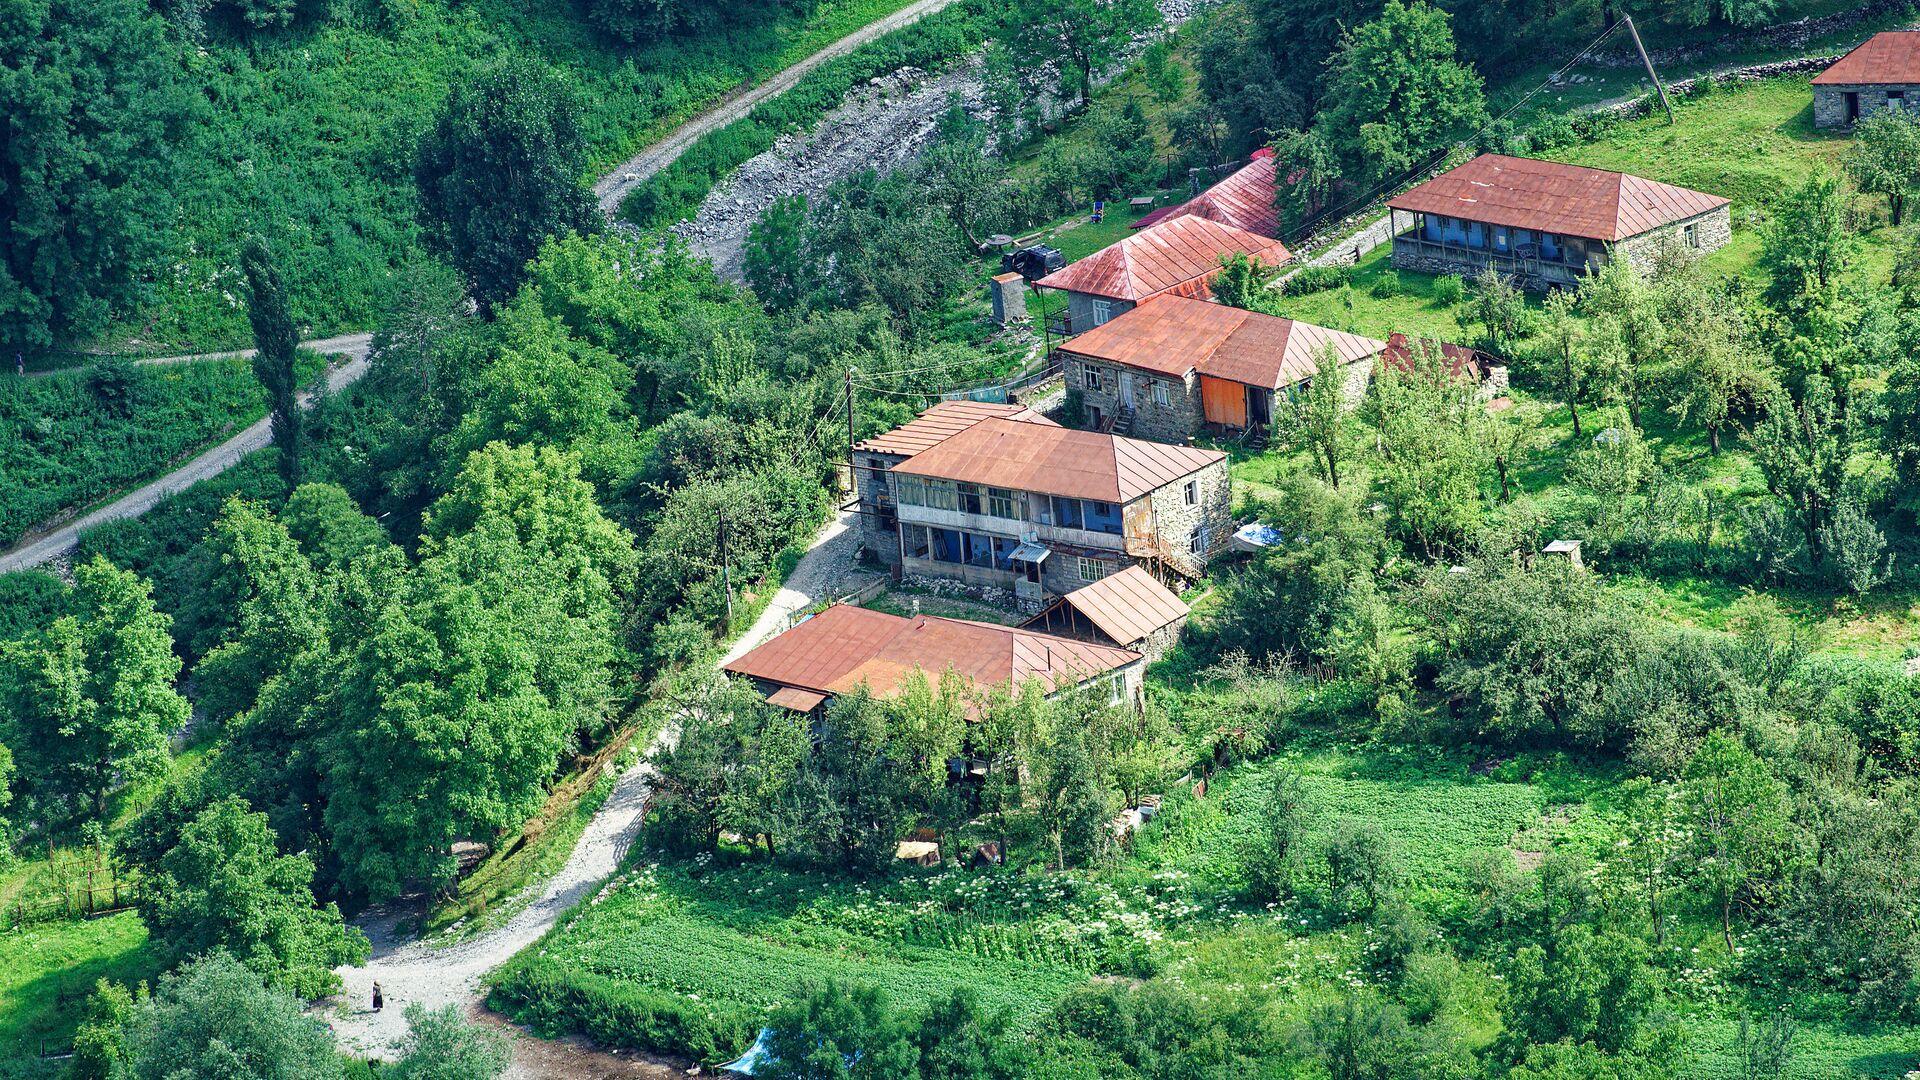 Горное село - частные дома местных жителей в Казбегском муниципалитете - Sputnik Грузия, 1920, 08.10.2021